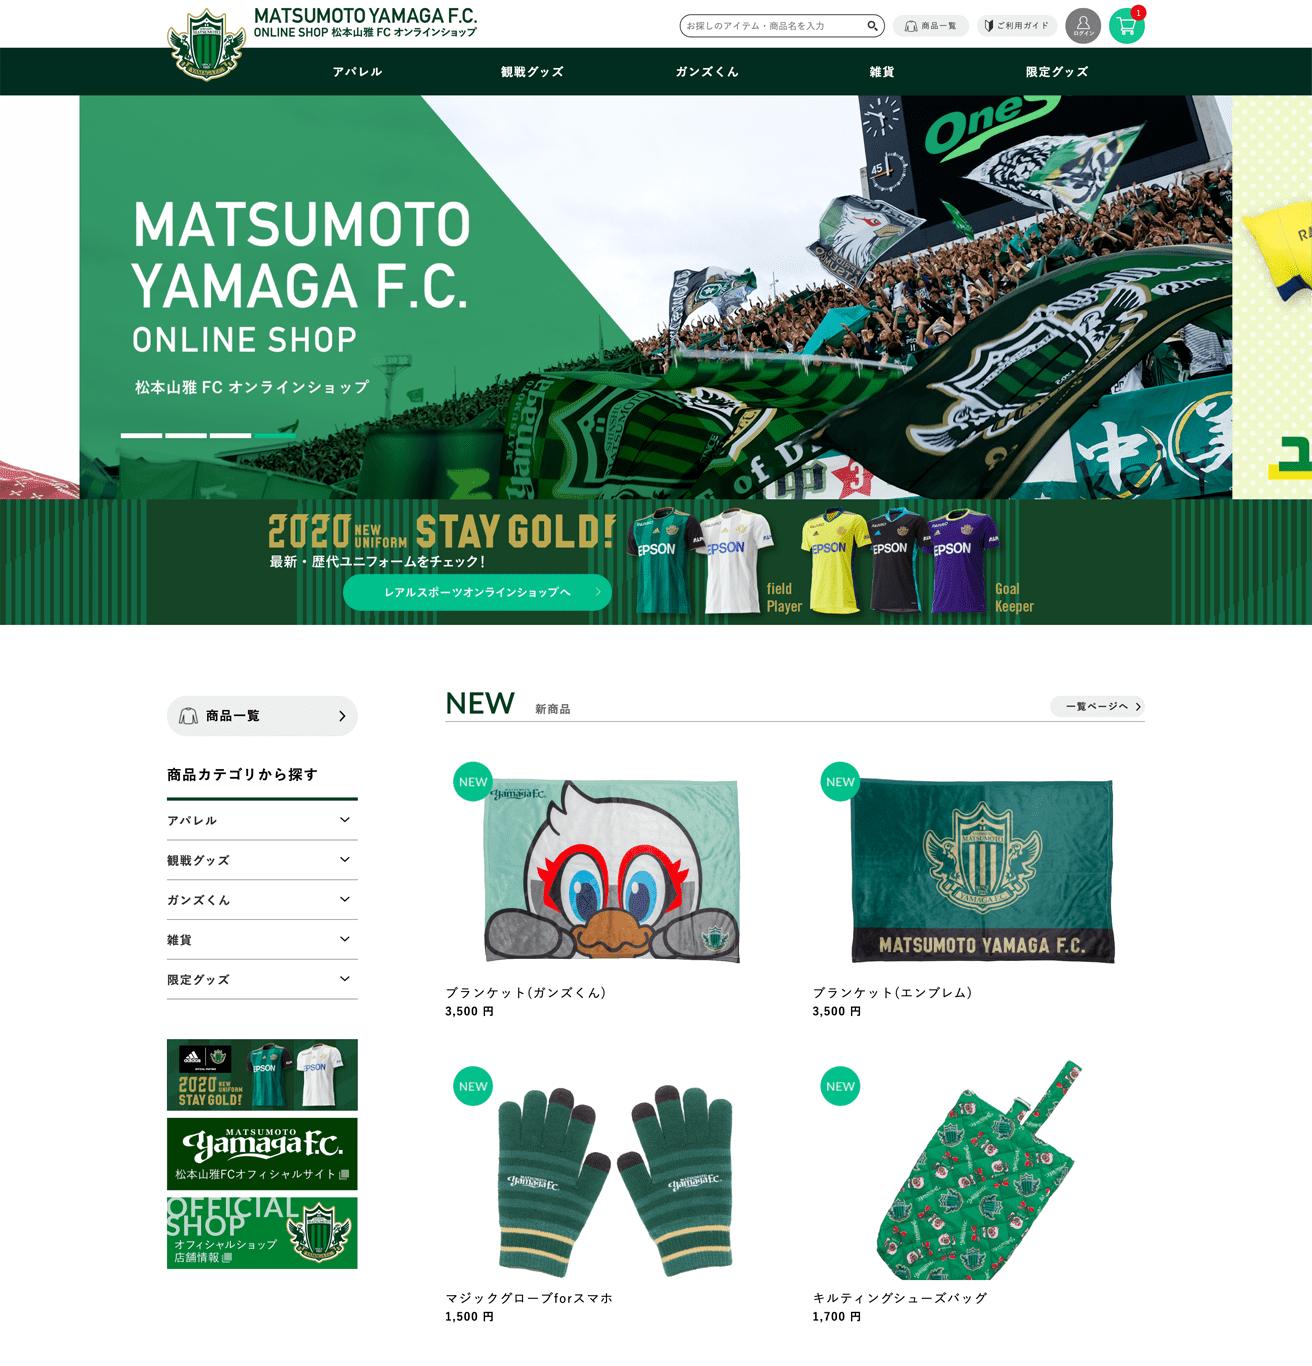 松本山雅FC トップページ